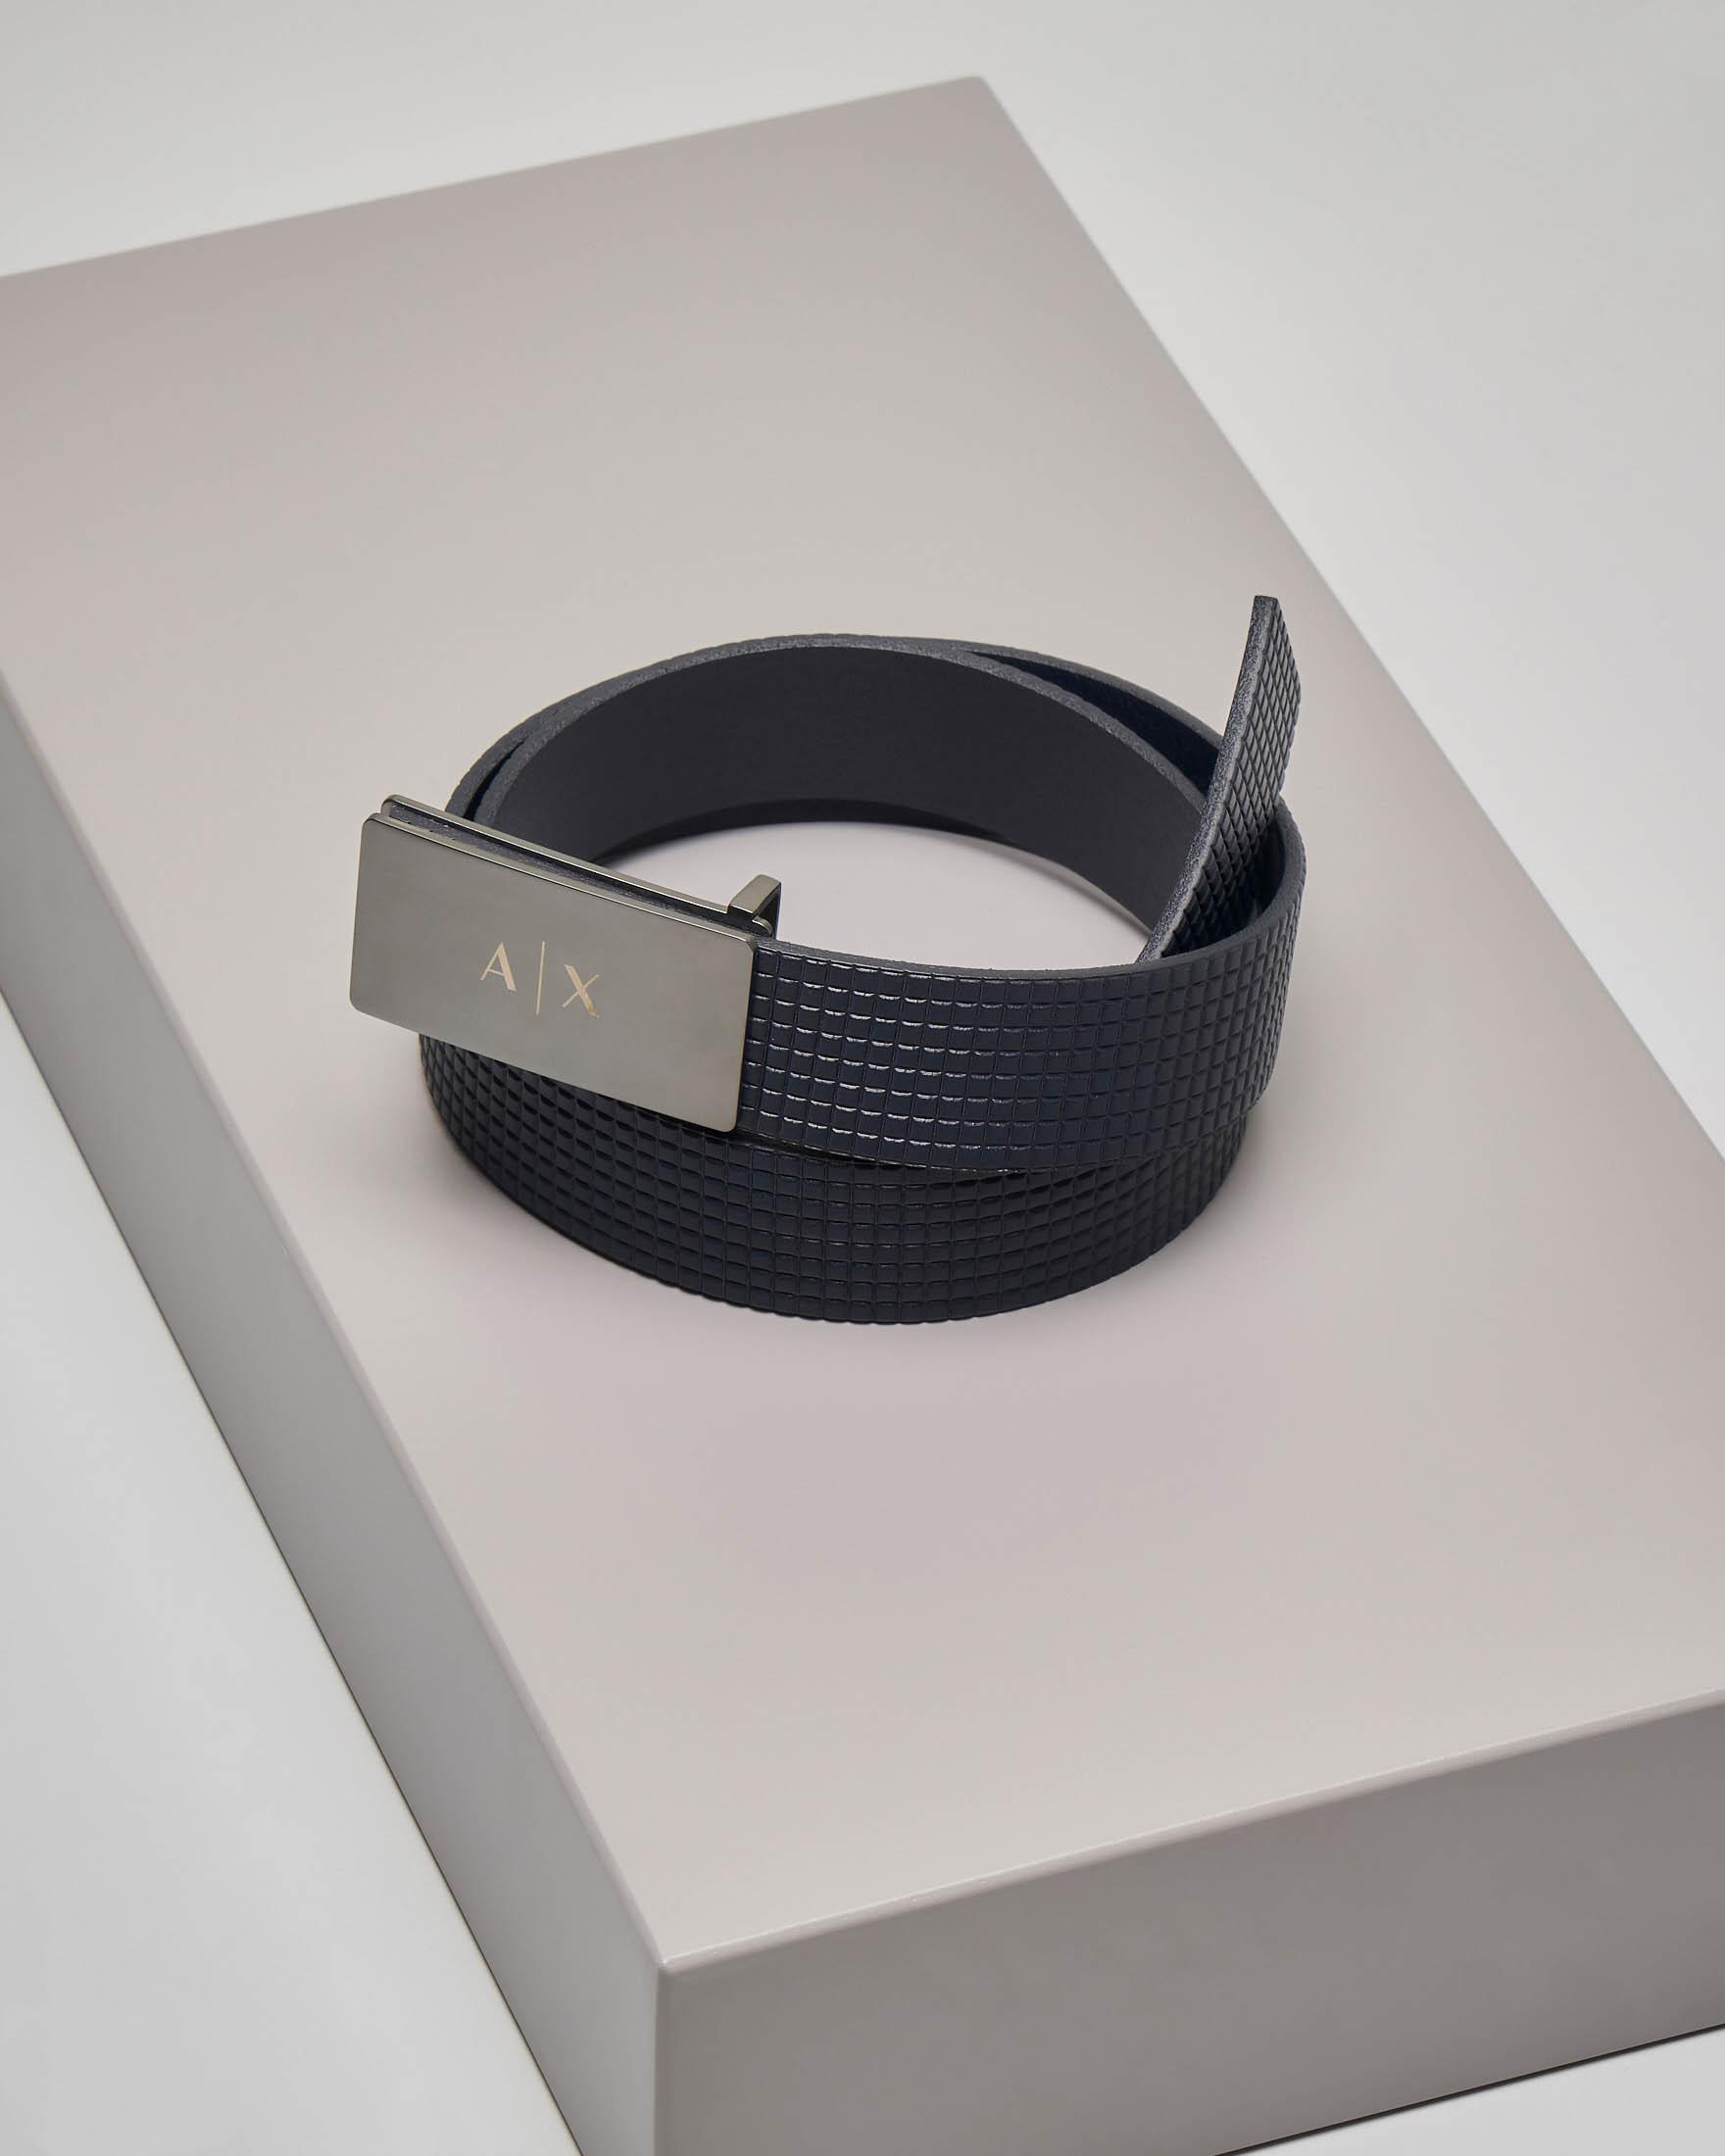 Cintura blu in pelle con fibbia in metallo